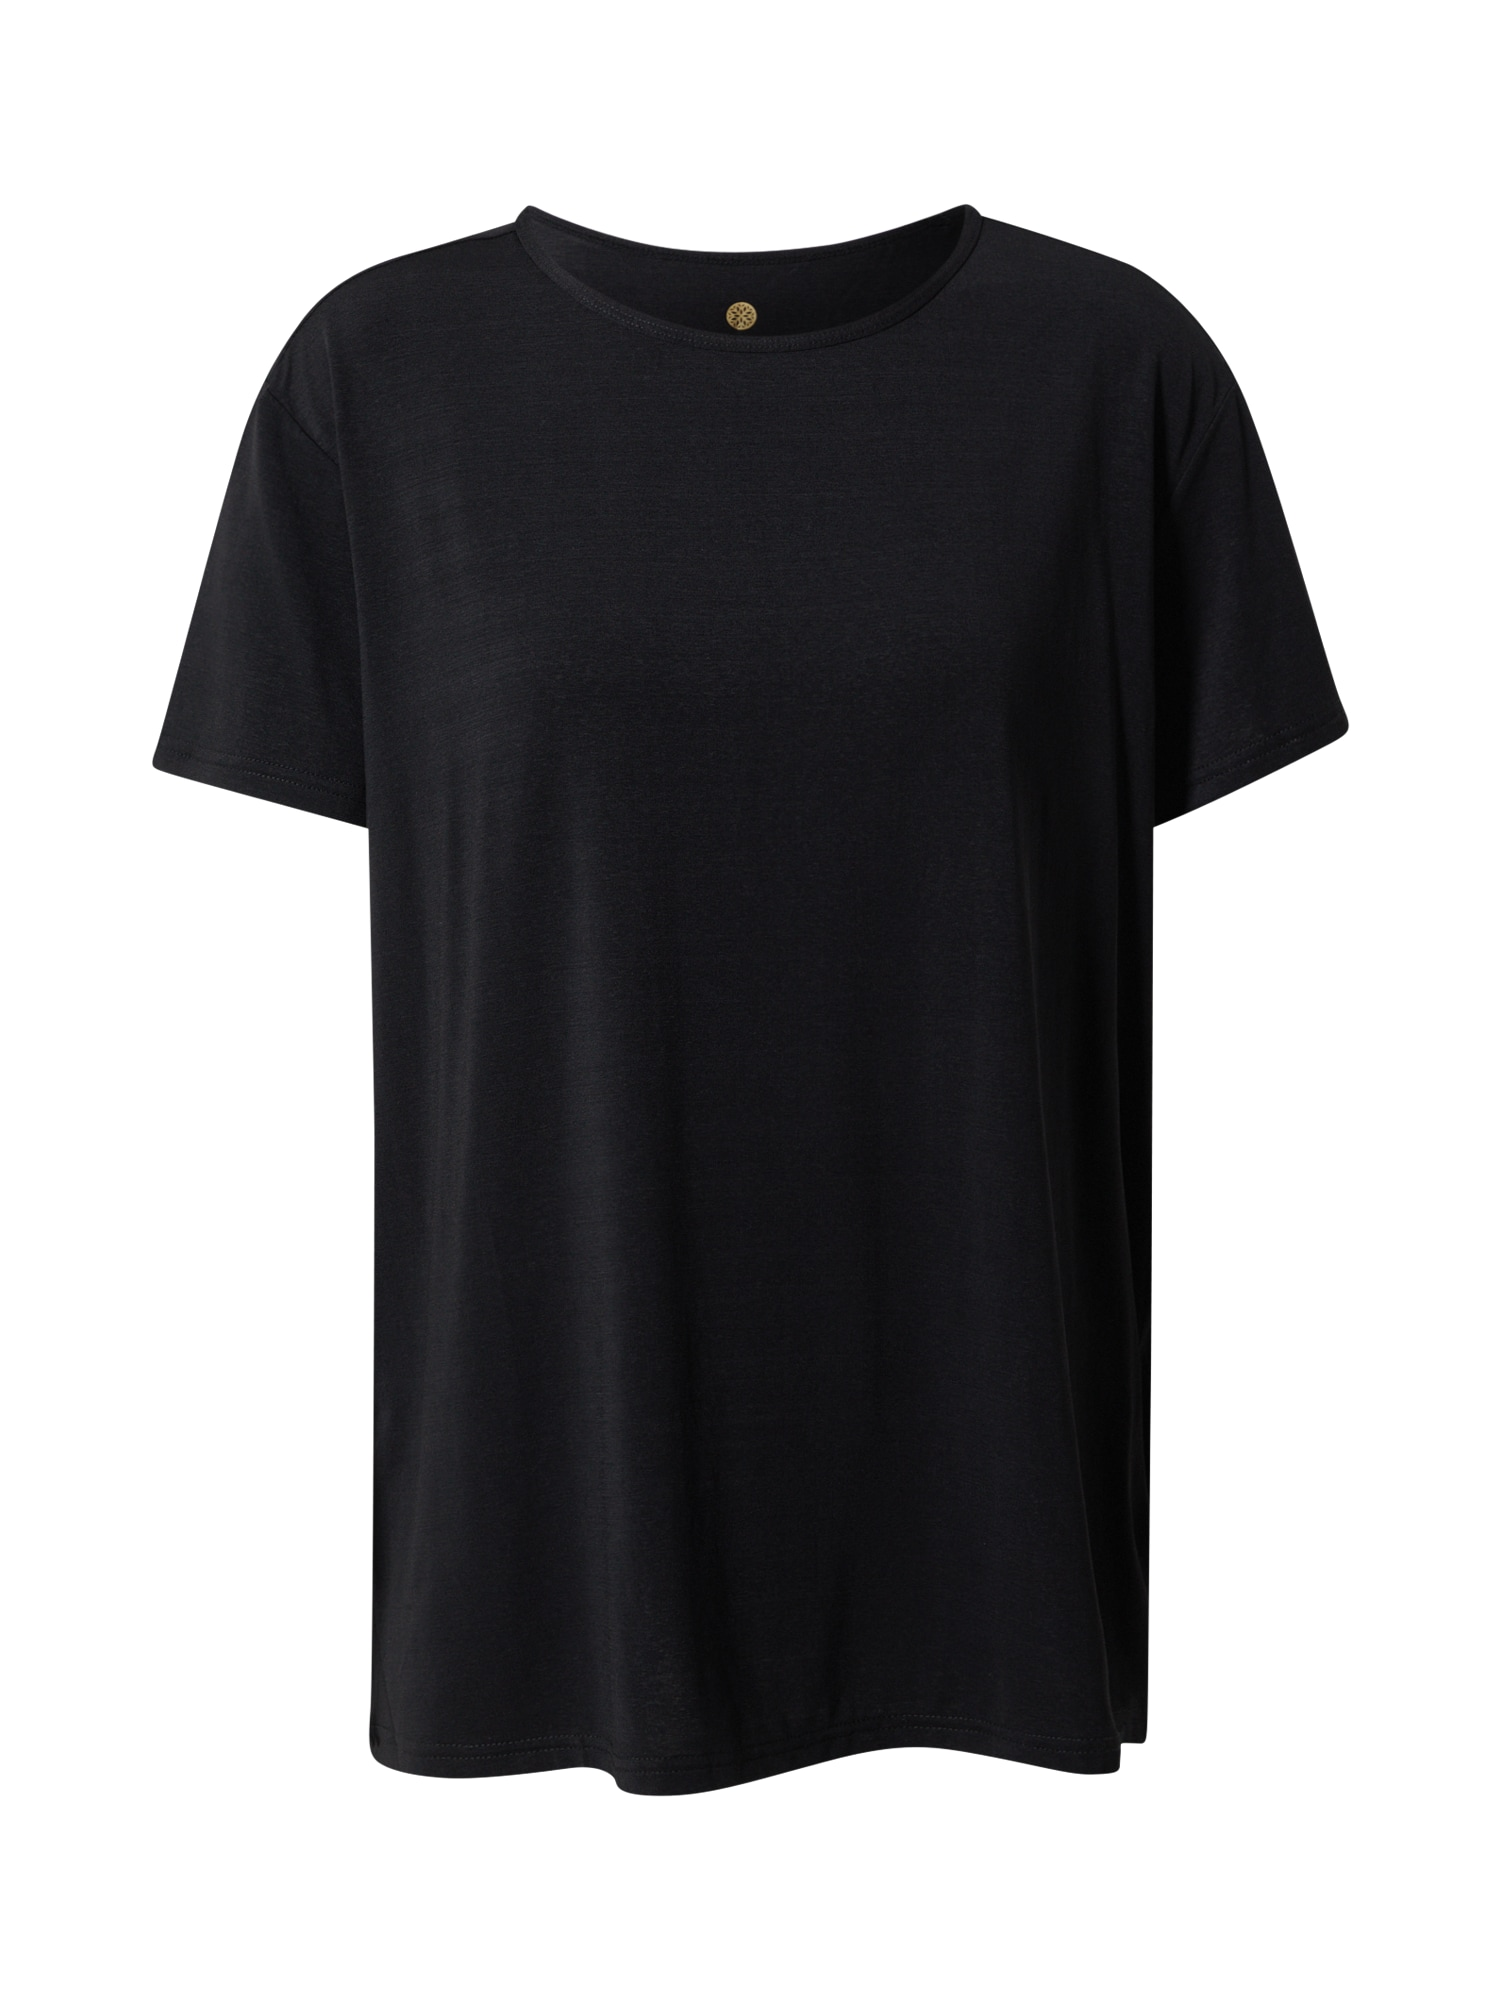 Athlecia Sportiniai marškinėliai